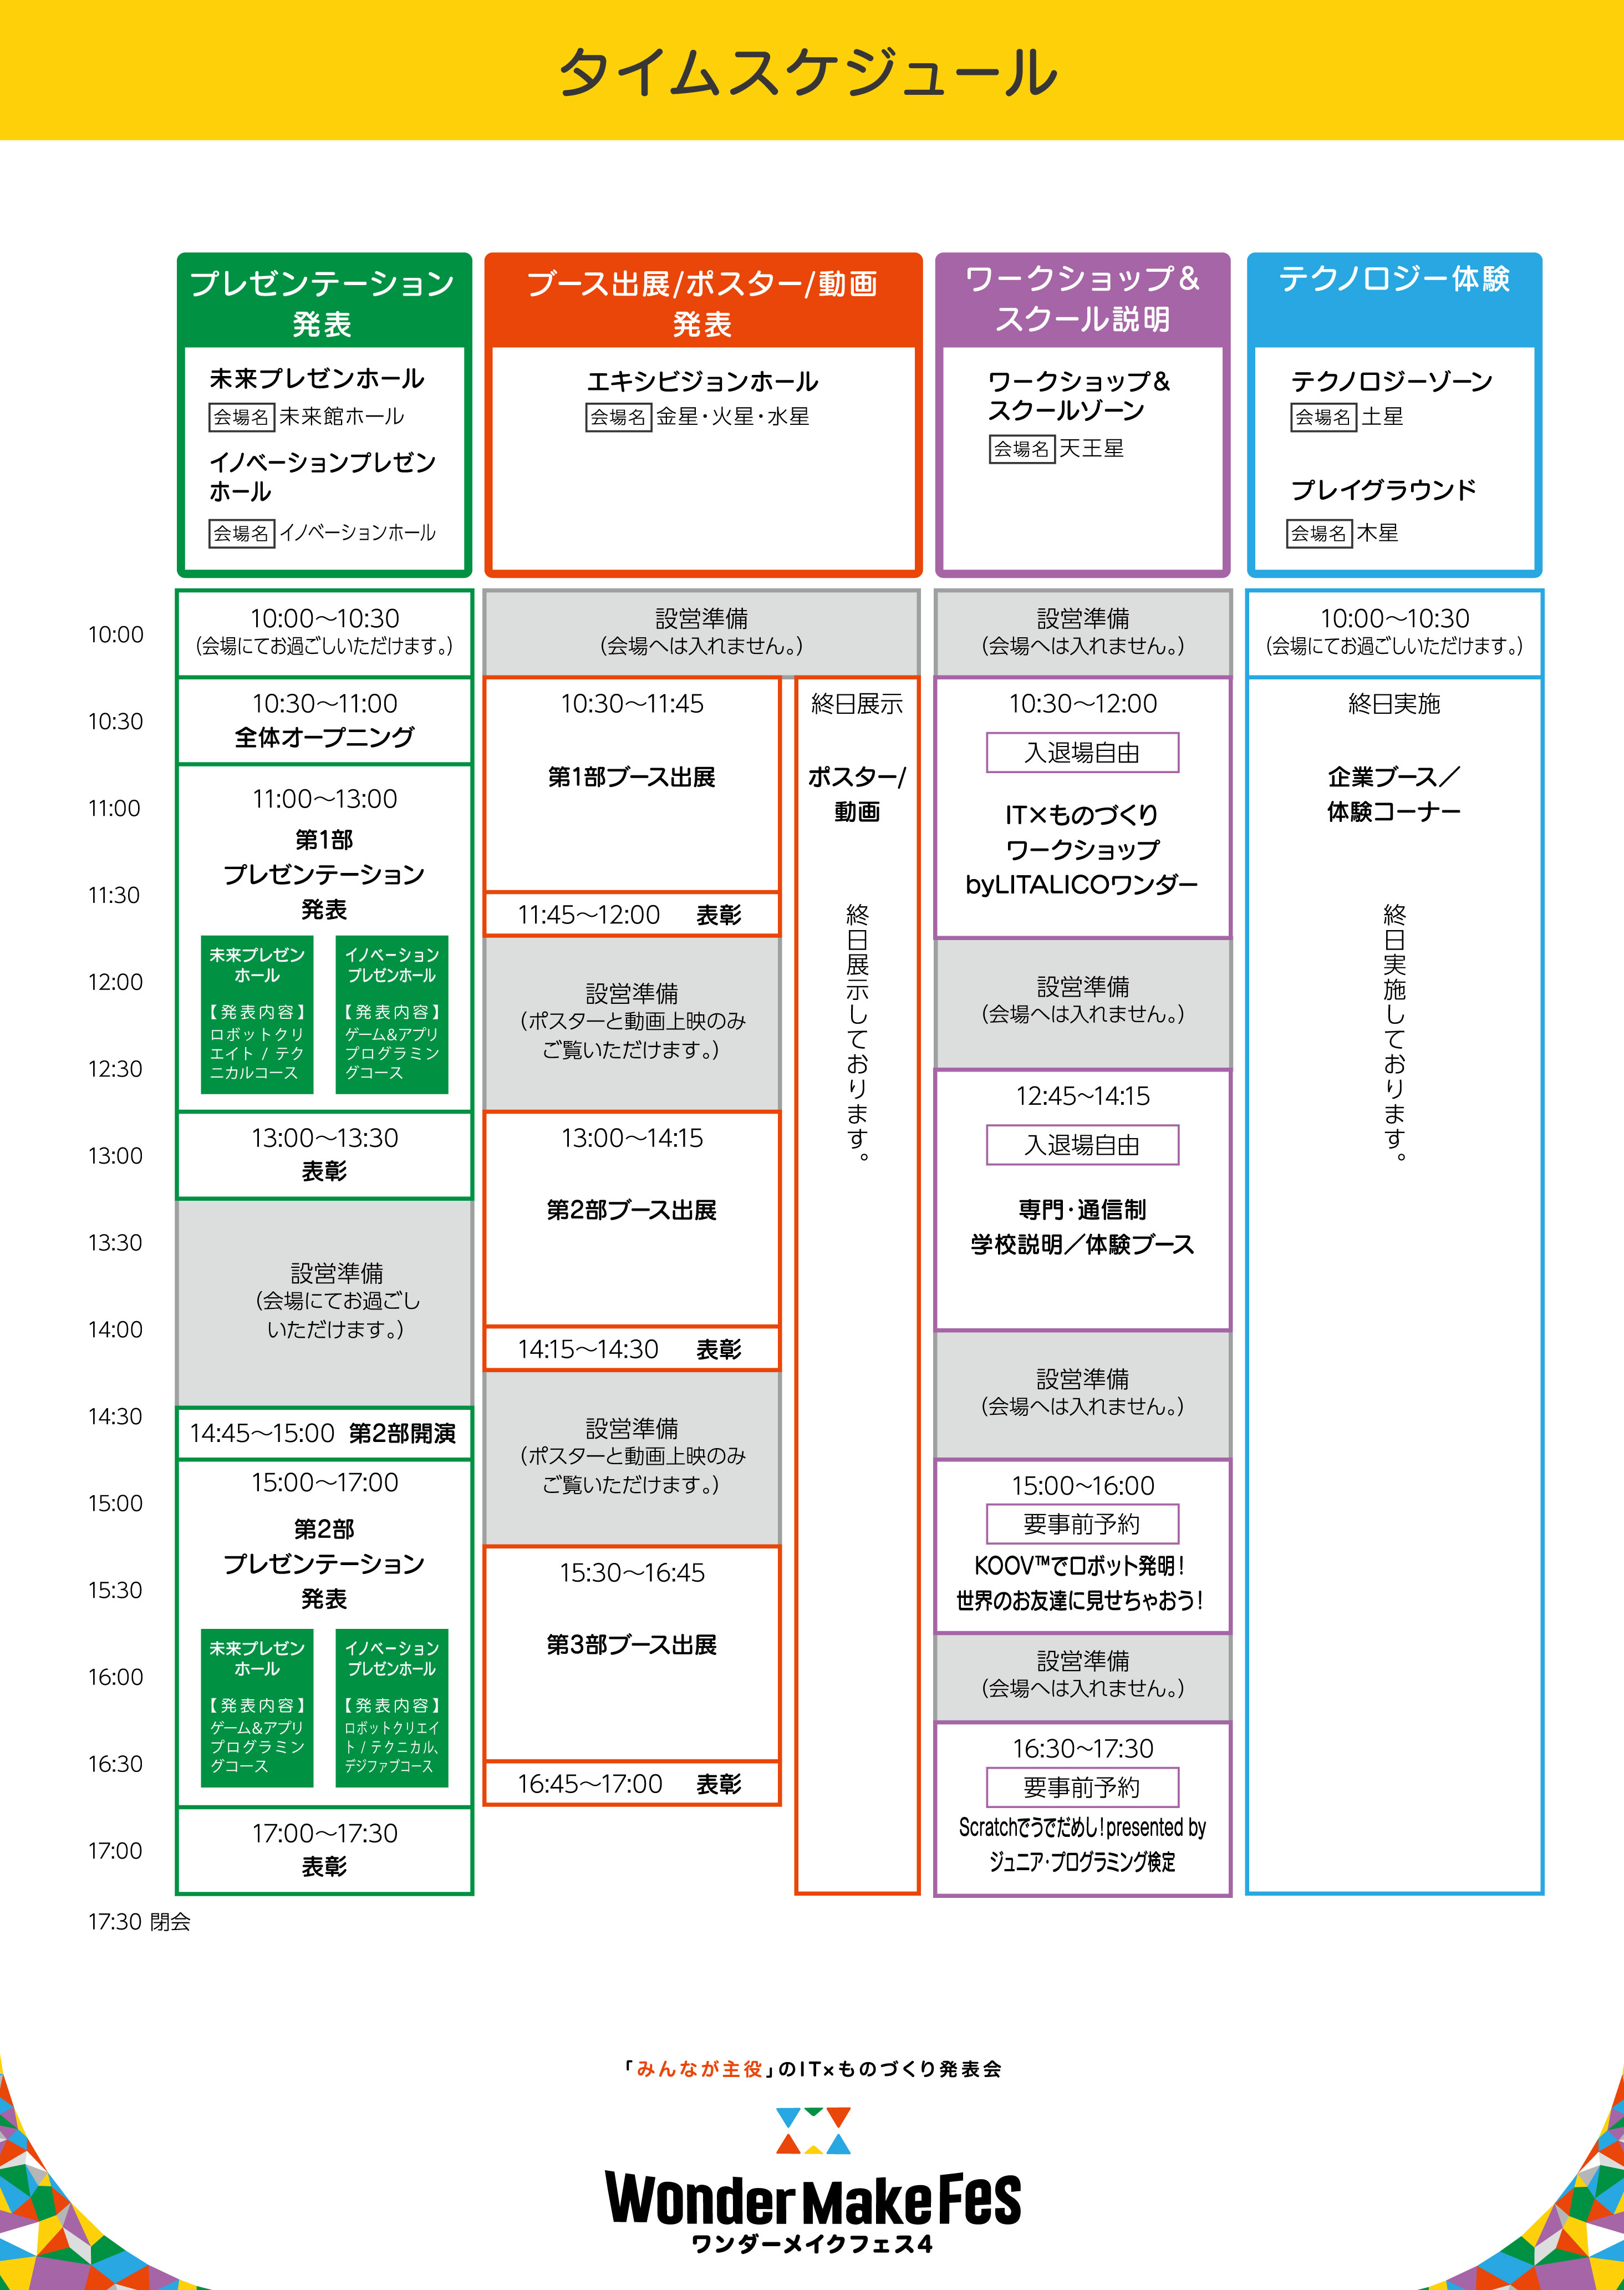 ワンダーメイクフェス4のタイムスケジュール